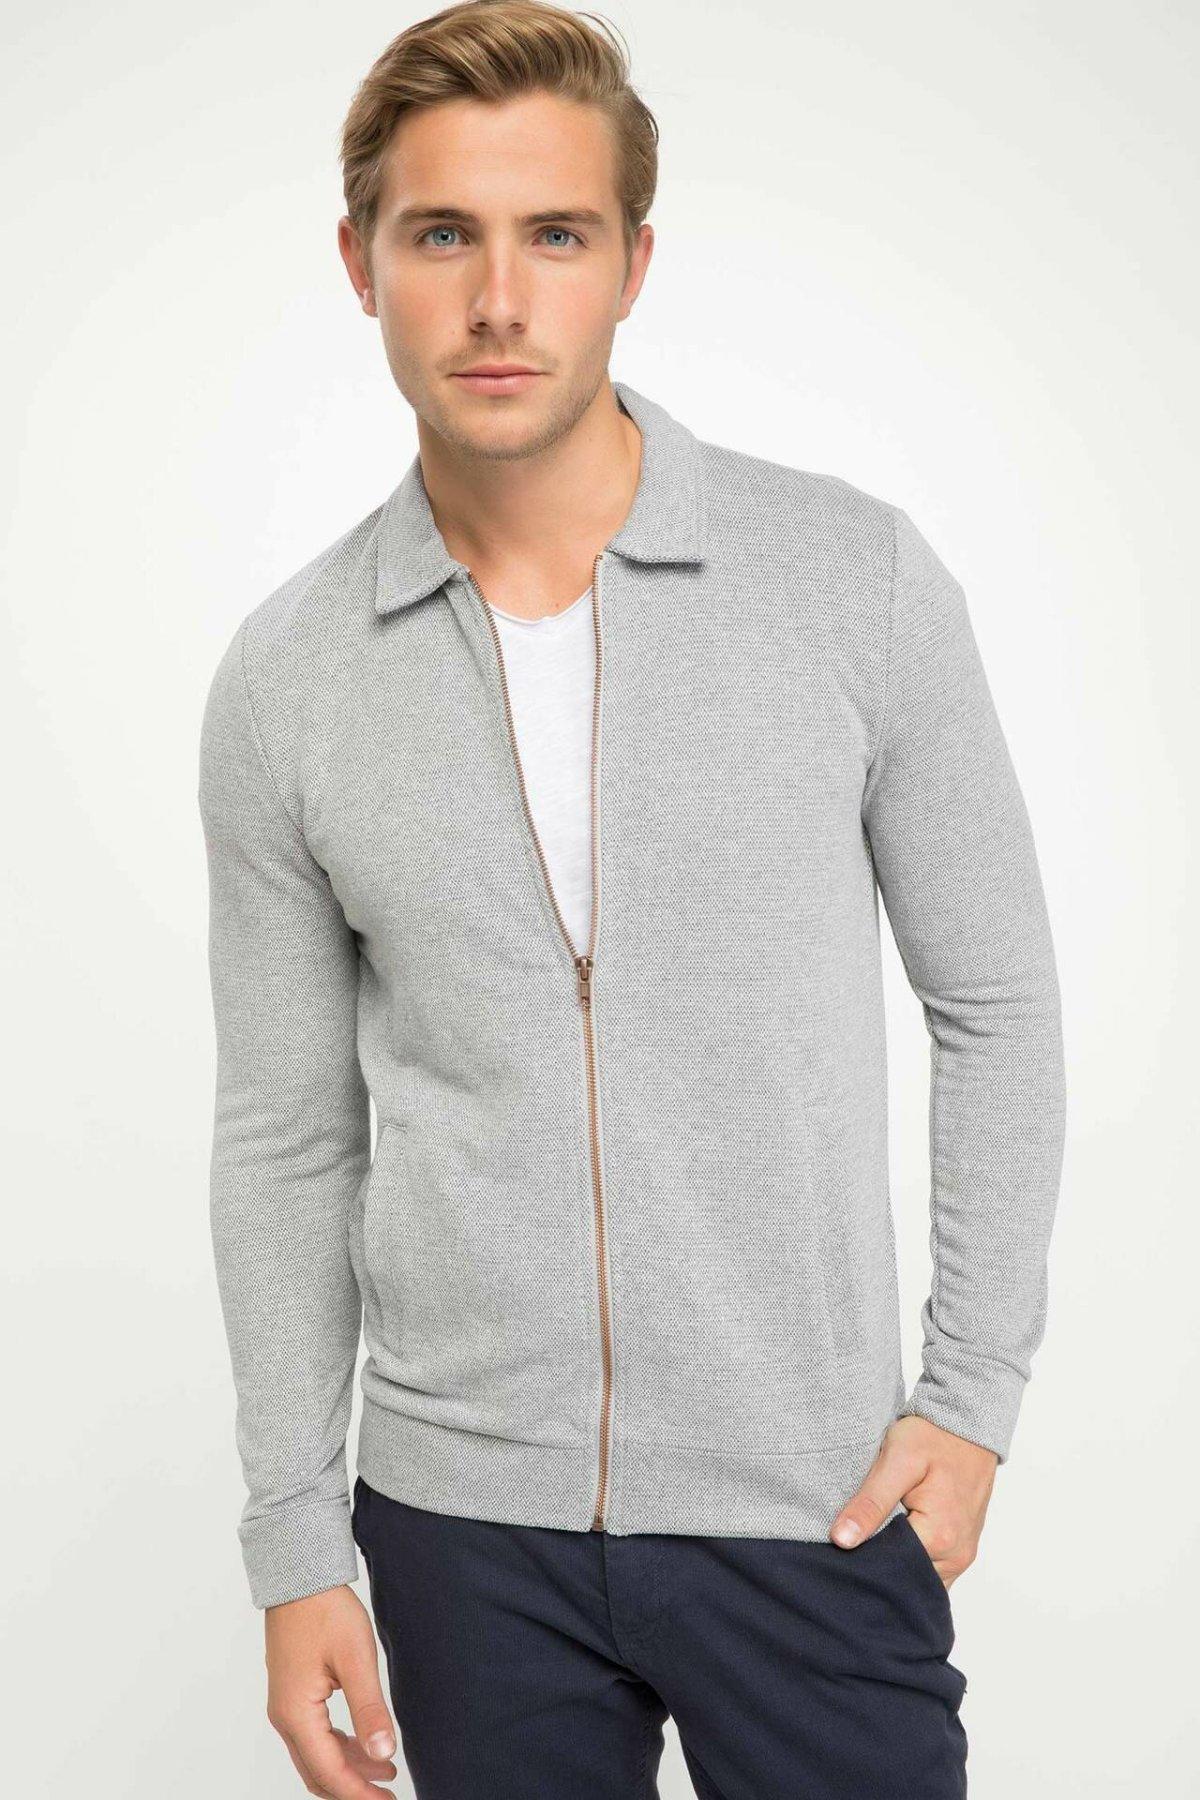 DeFacto Casual Man Lapel Cardigan Men's Fashion Solid Zipper Slim Coats Male Autumn Cotton Jackets New-J1849AZ18AU